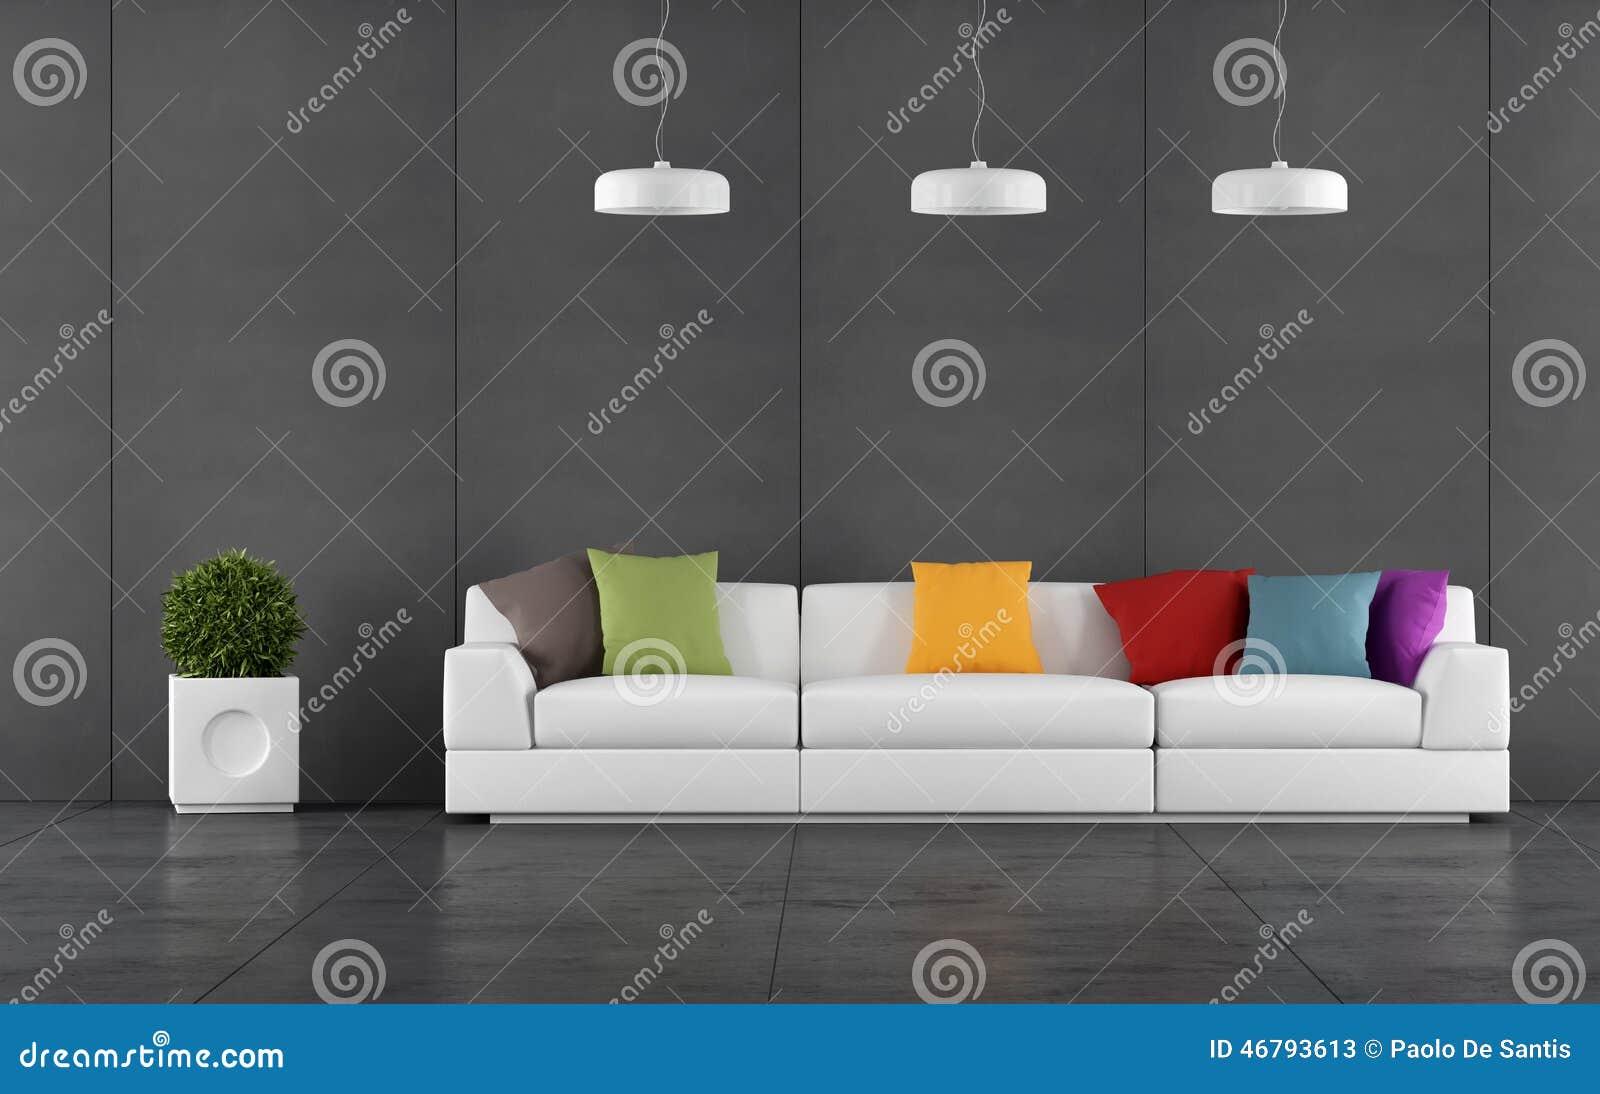 Zwarte Woonkamer Met Muurbord Het Met Panelen Bekleden Stock Illustratie   Afbeelding  46793613